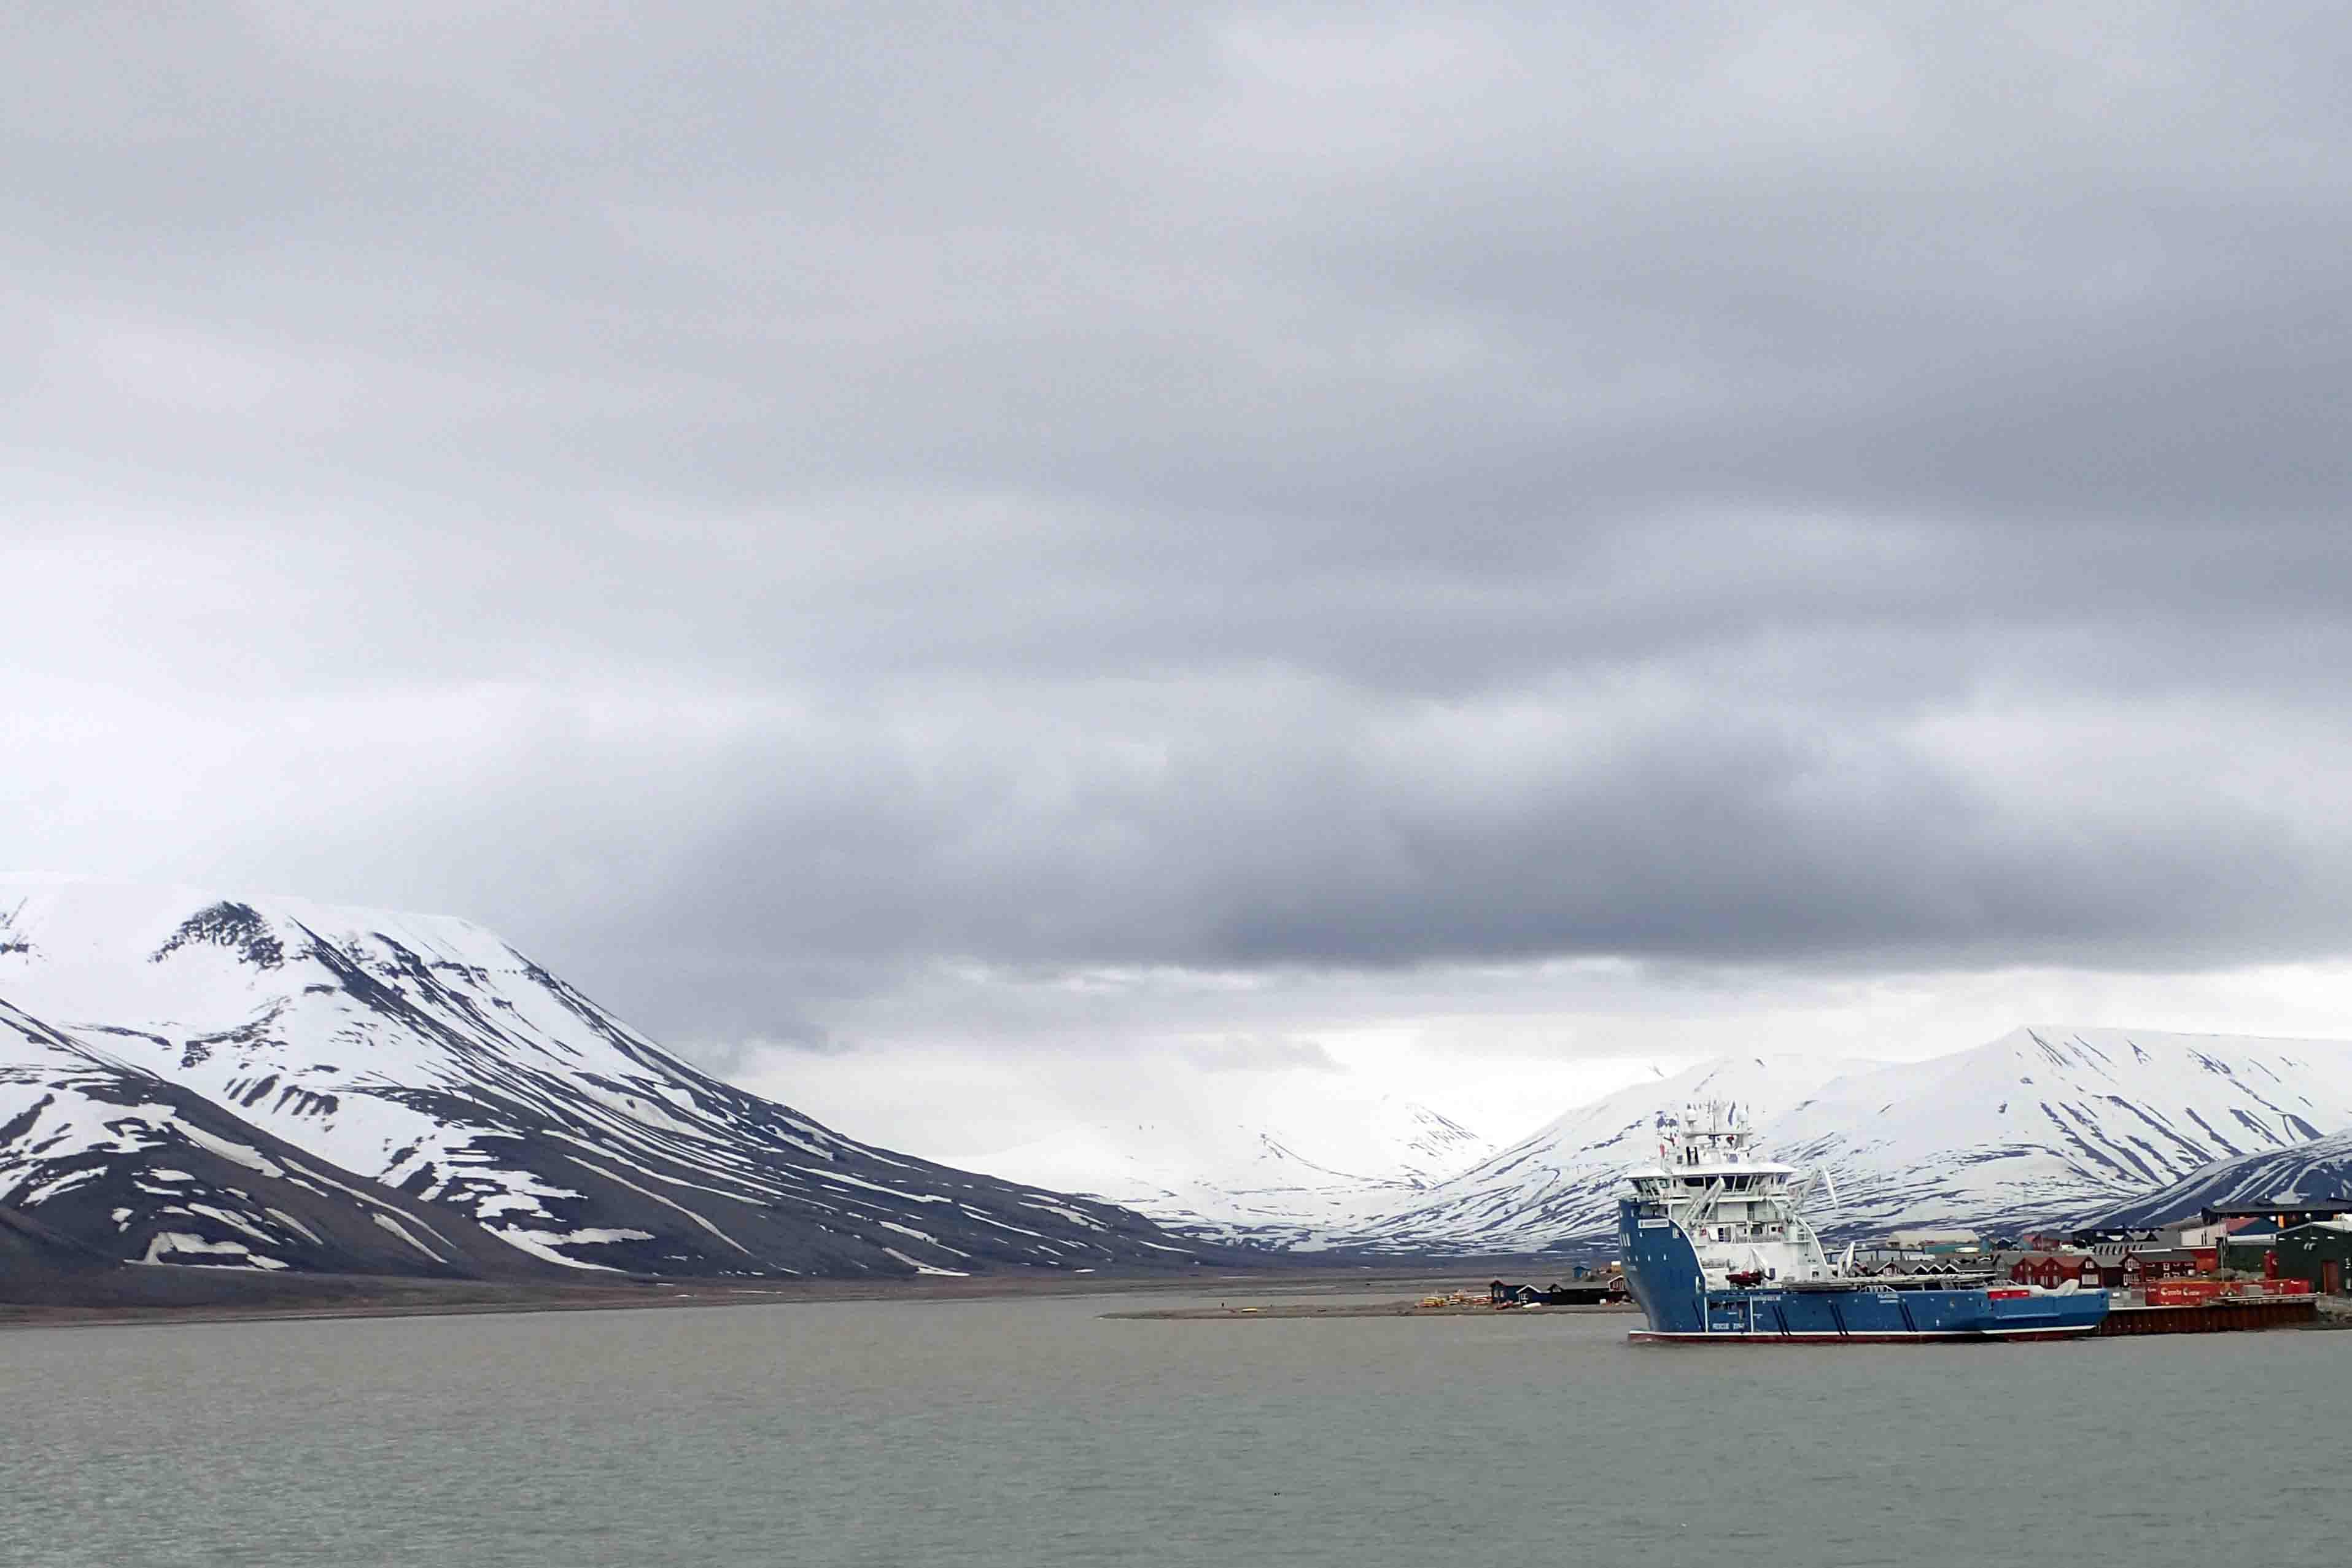 icebreaker in longyearbyen harbor